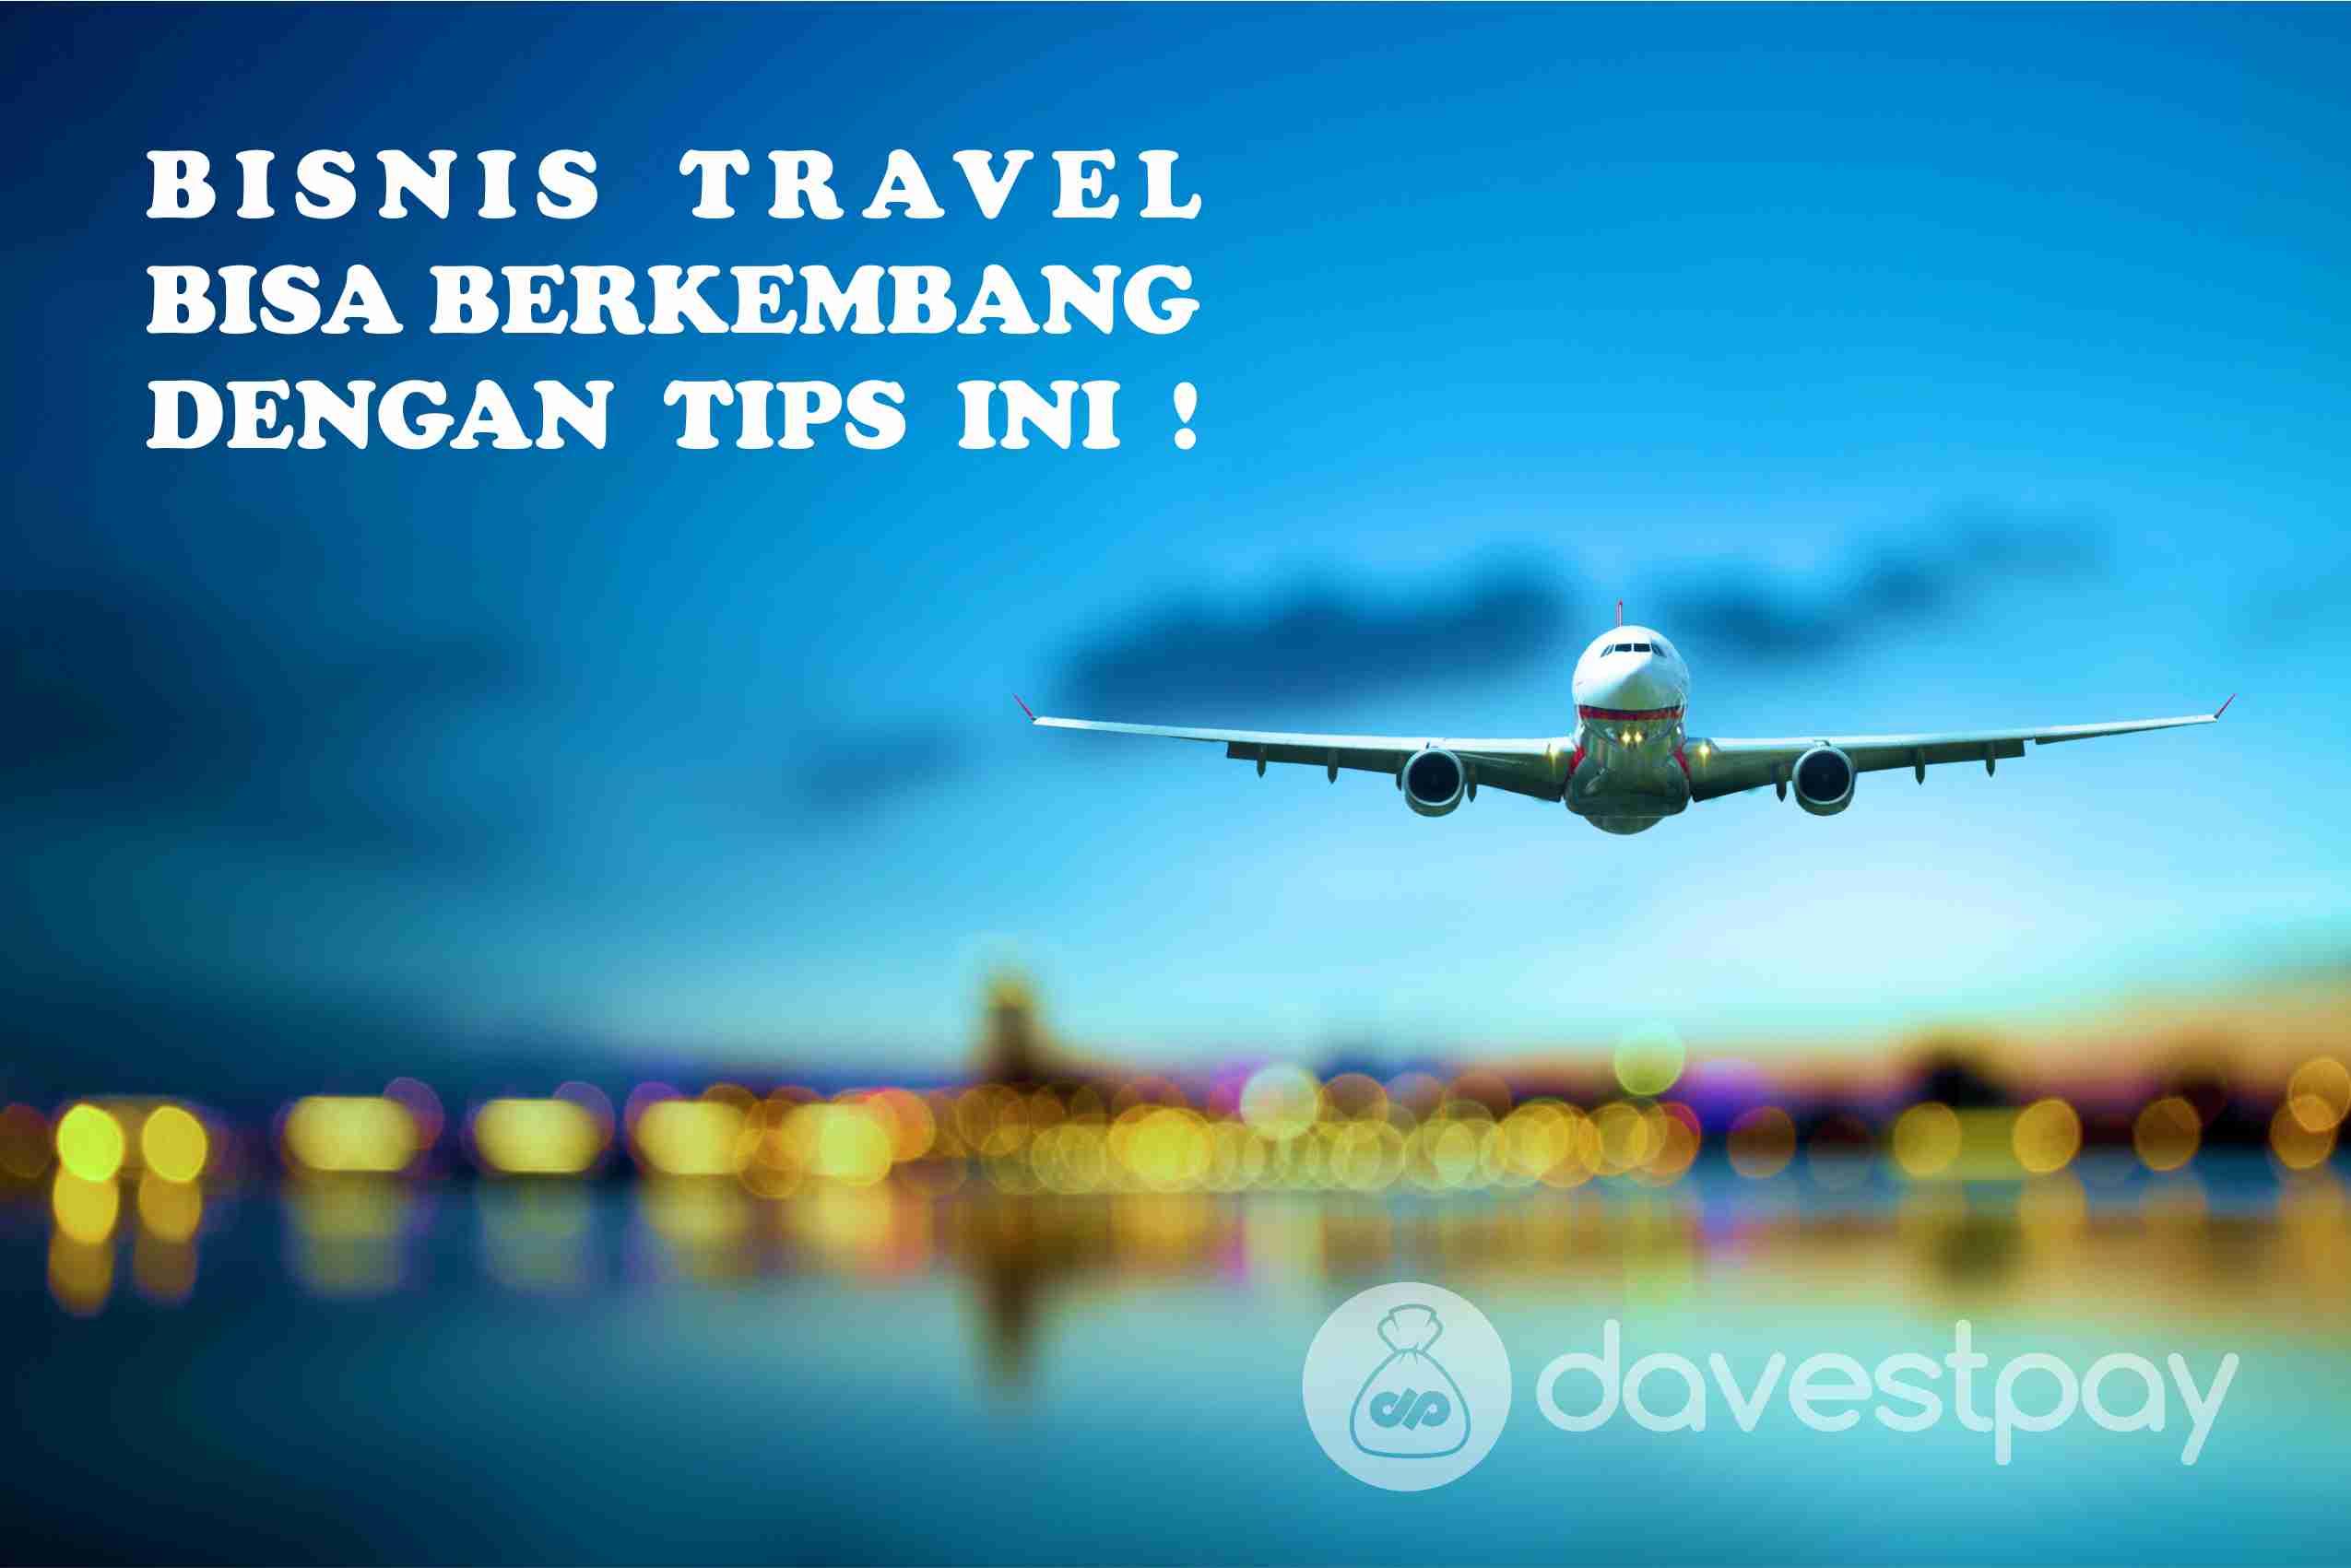 Bisnis Travel Bisa Berkembang dengan Tips Ini !